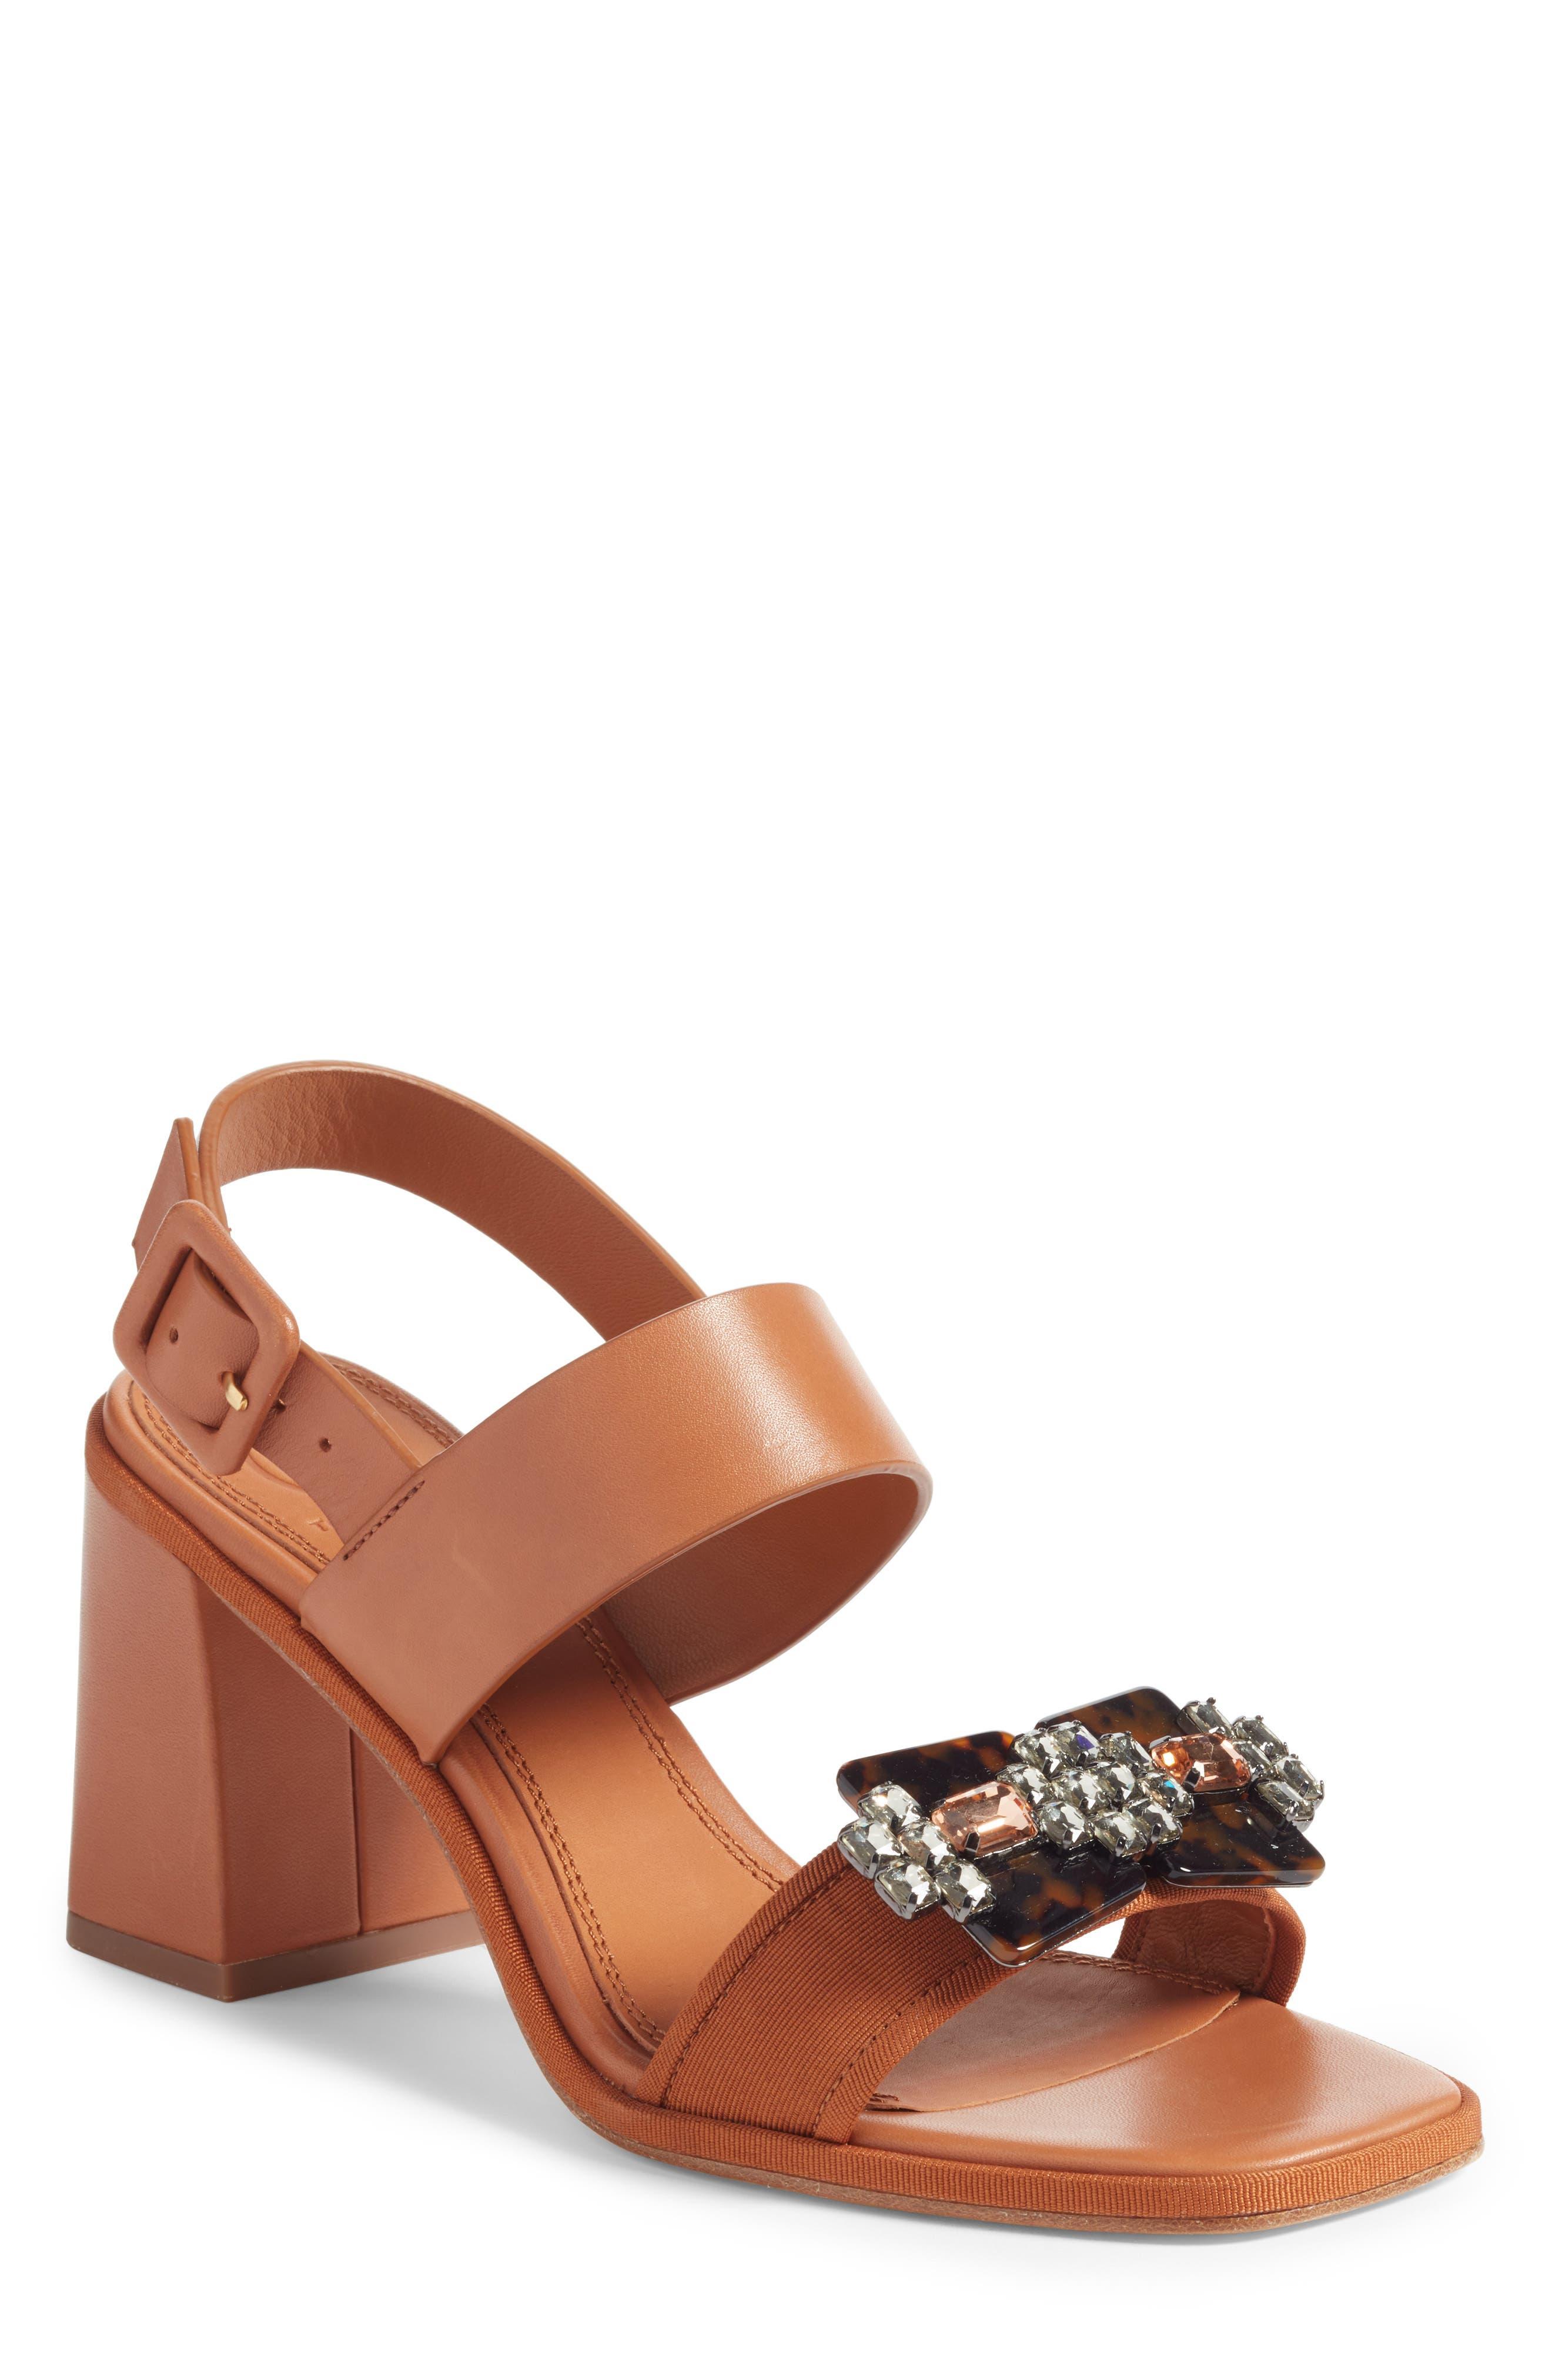 Delaney Embellished Double Strap Sandal,                             Main thumbnail 1, color,